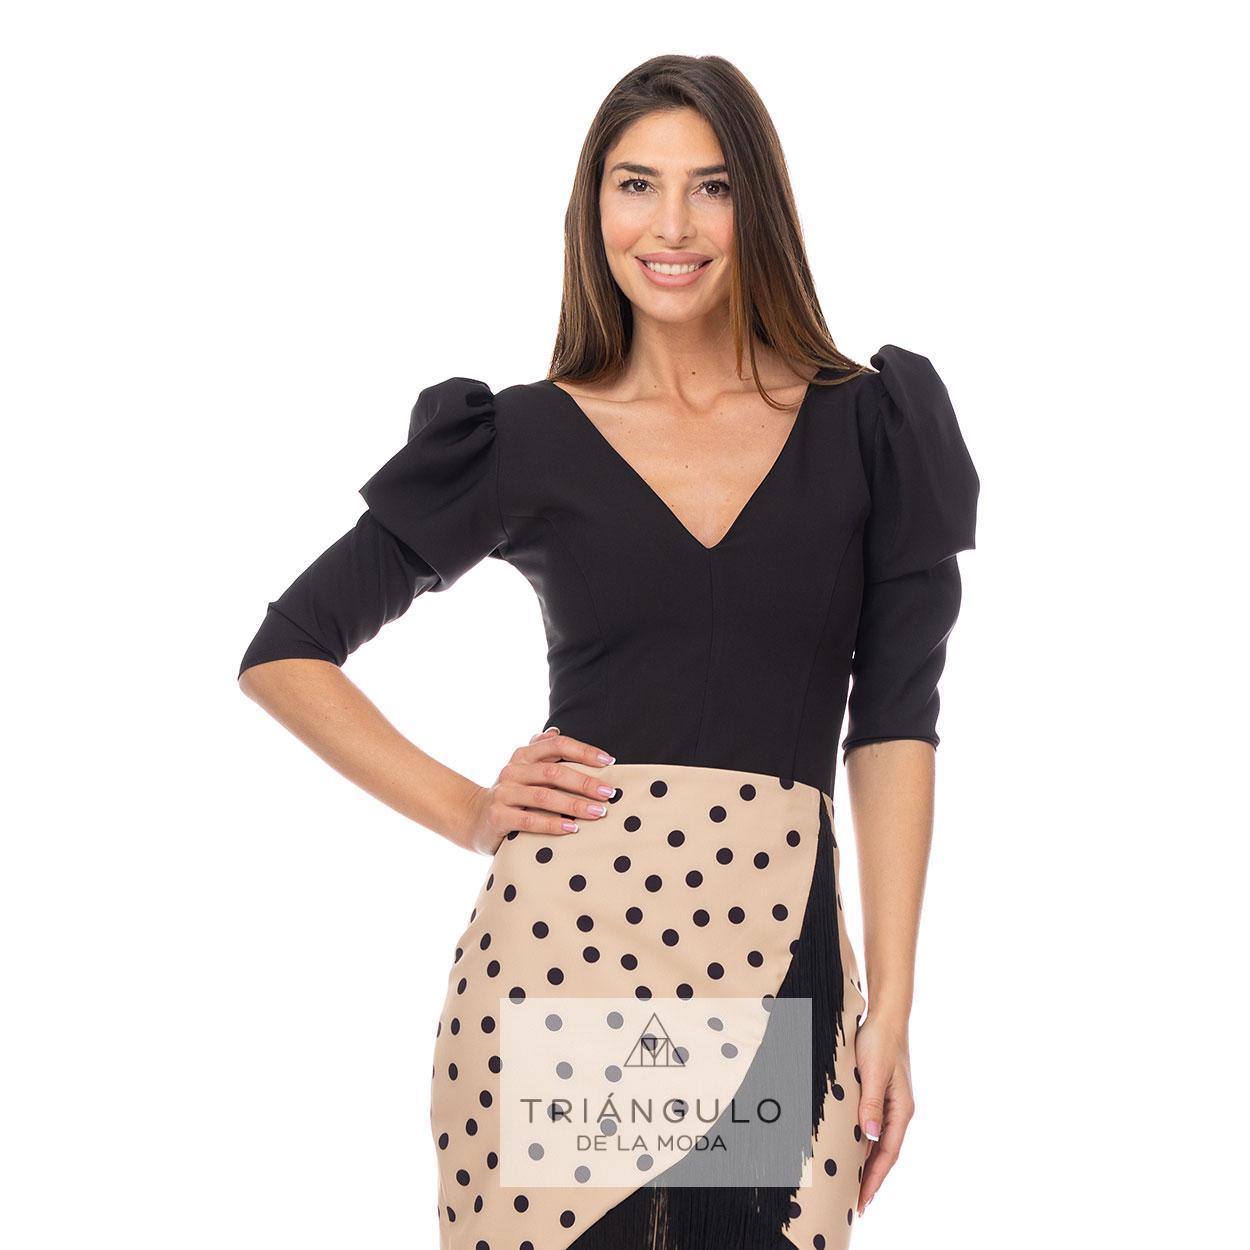 Tienda online del Triangulo de la Moda TOP 3/4 ESCOTE PICO